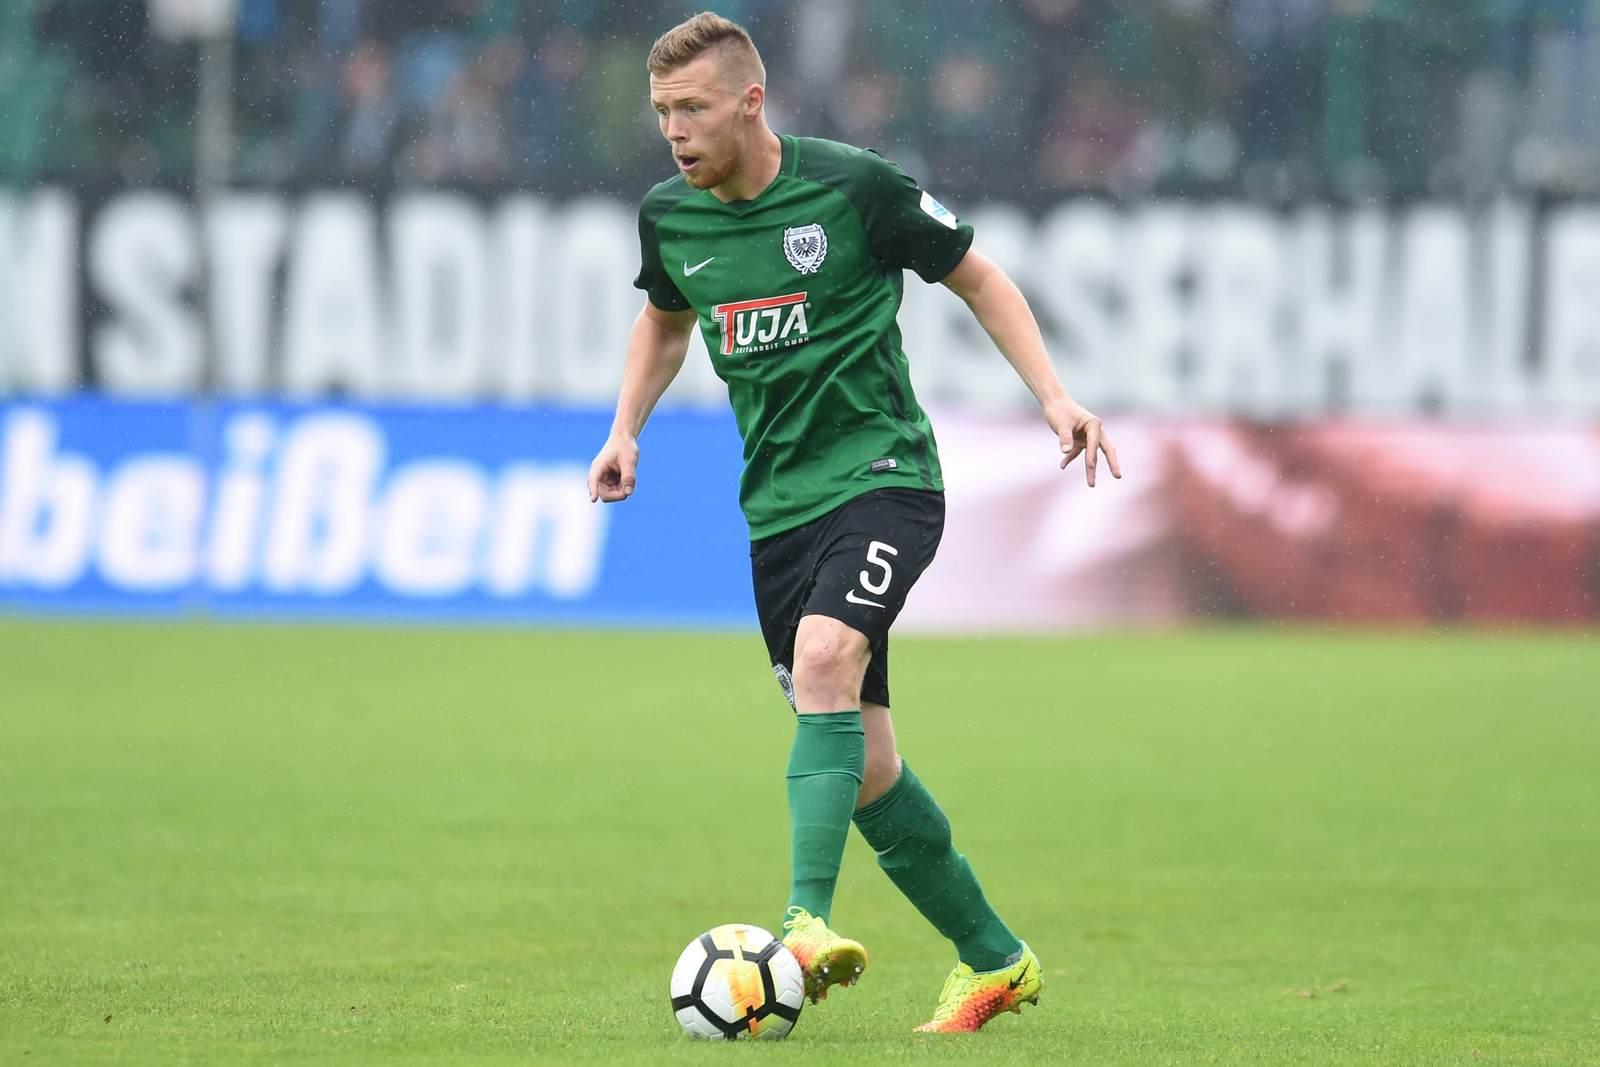 Fabian Menig am Ball für Preußen Münster